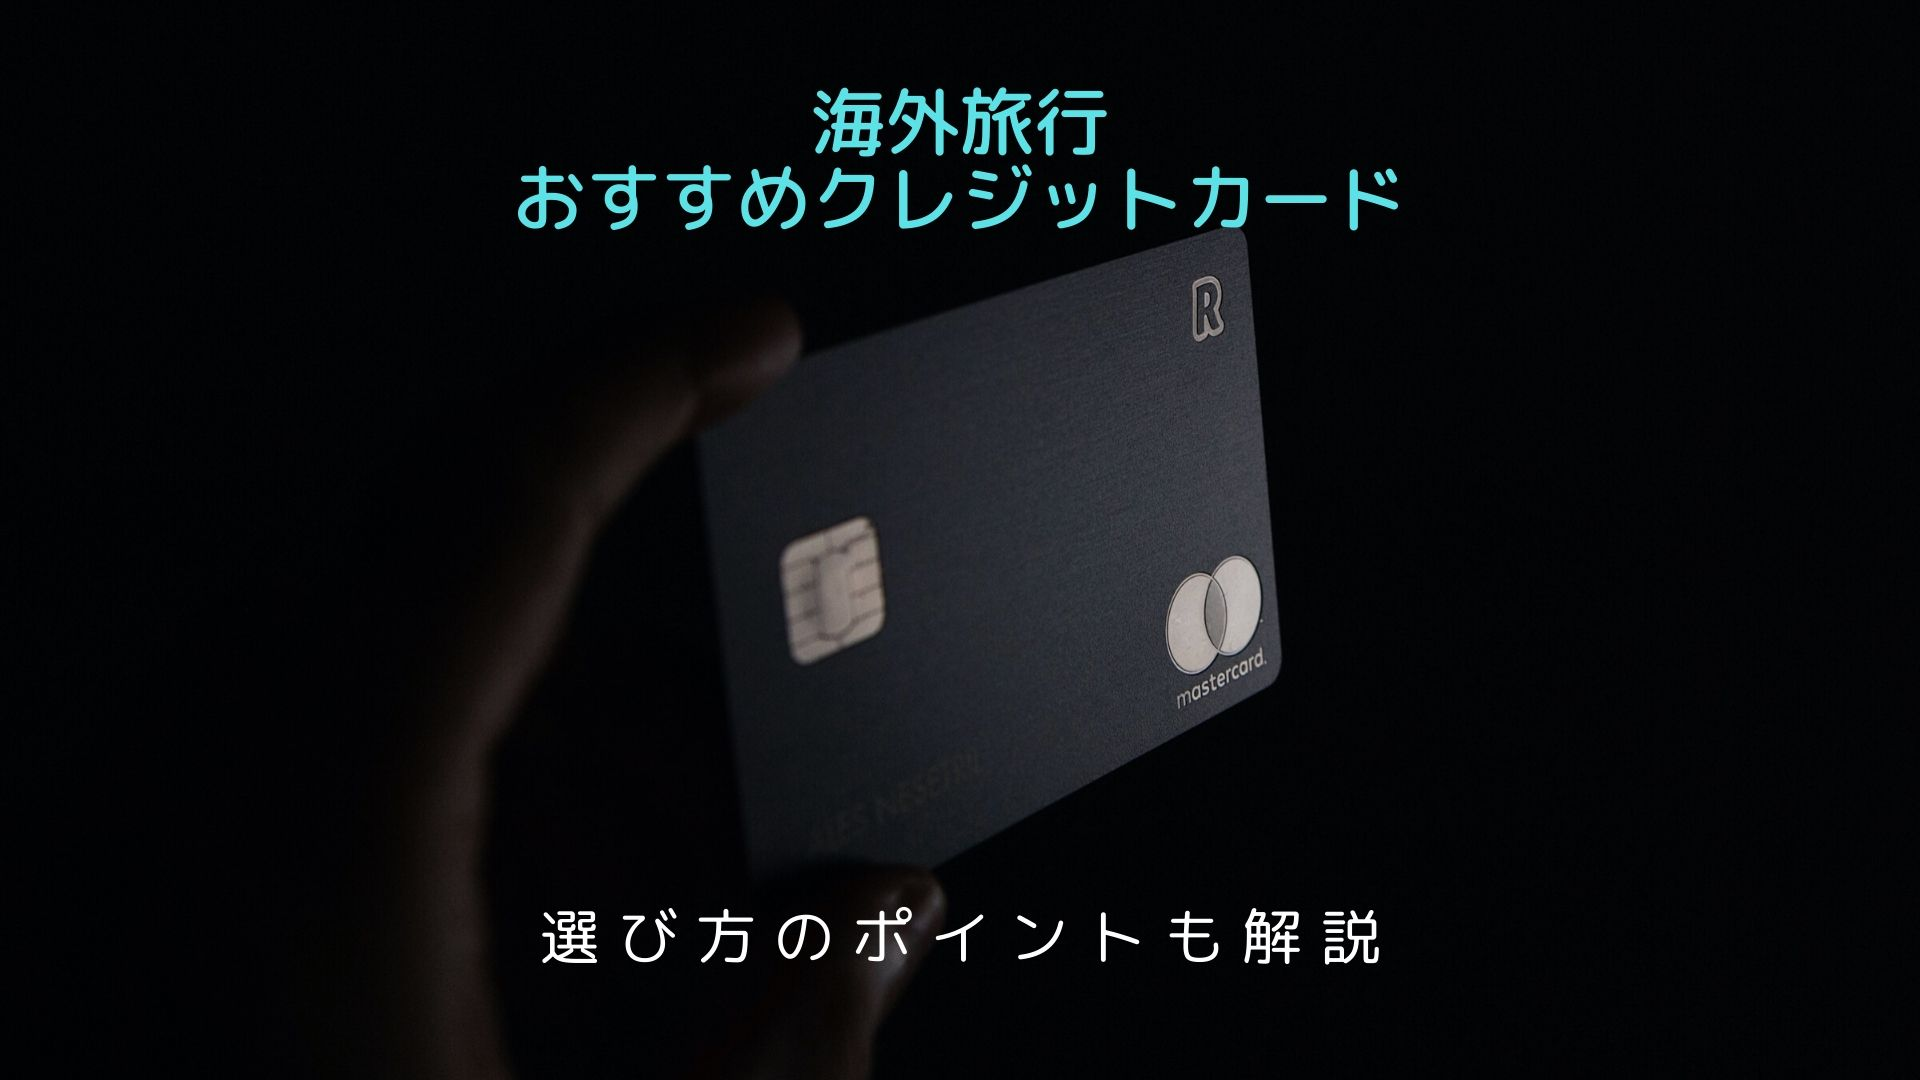 海外旅行 おすすめクレジットカード